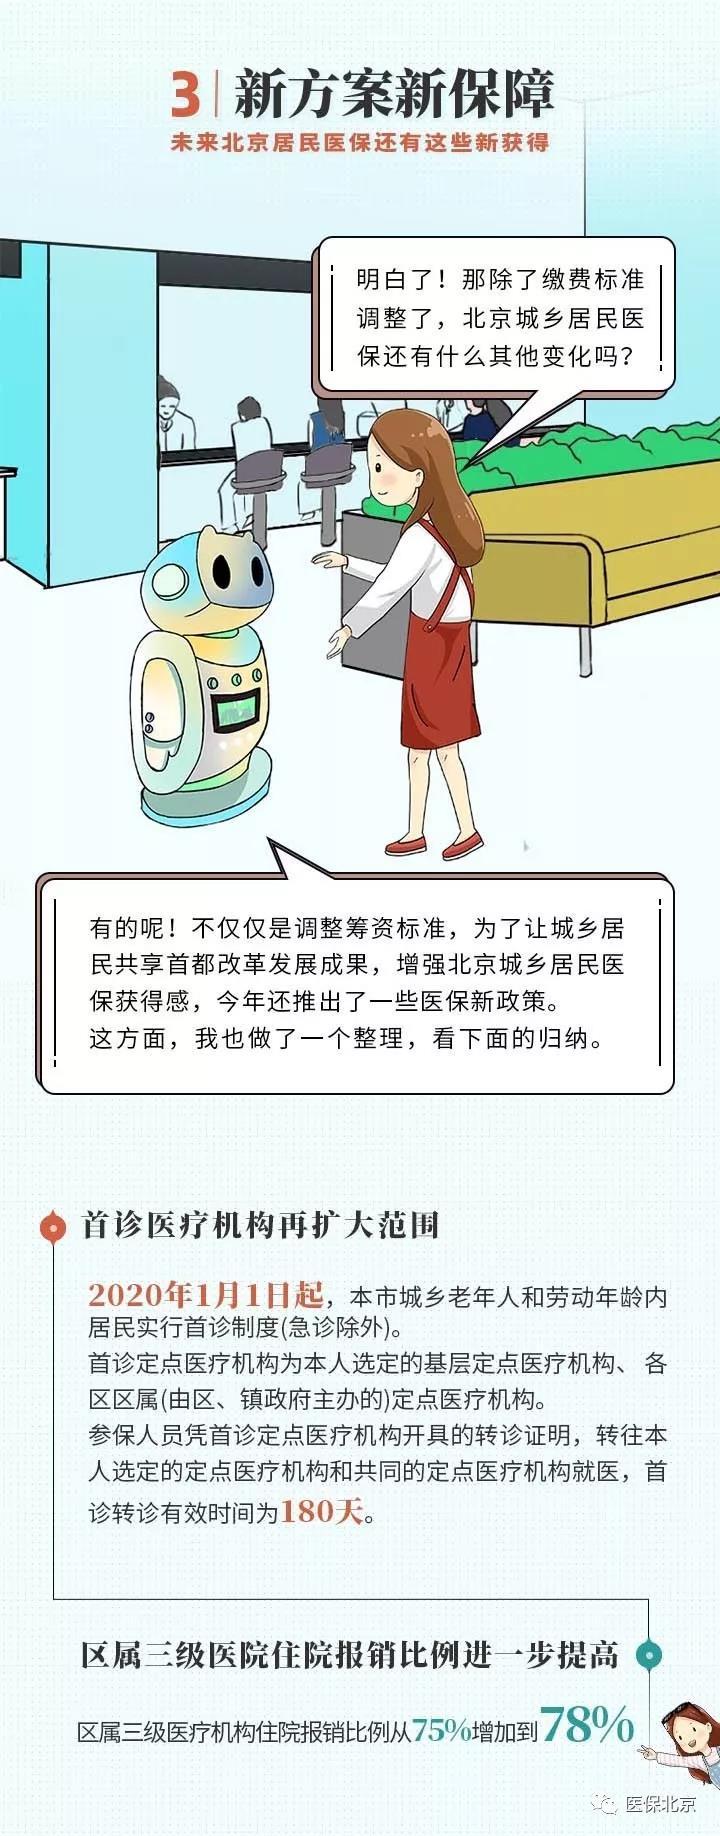 """茗彩代理平台·揽入境客源""""不手软""""三亚大手笔补贴旅游企业"""